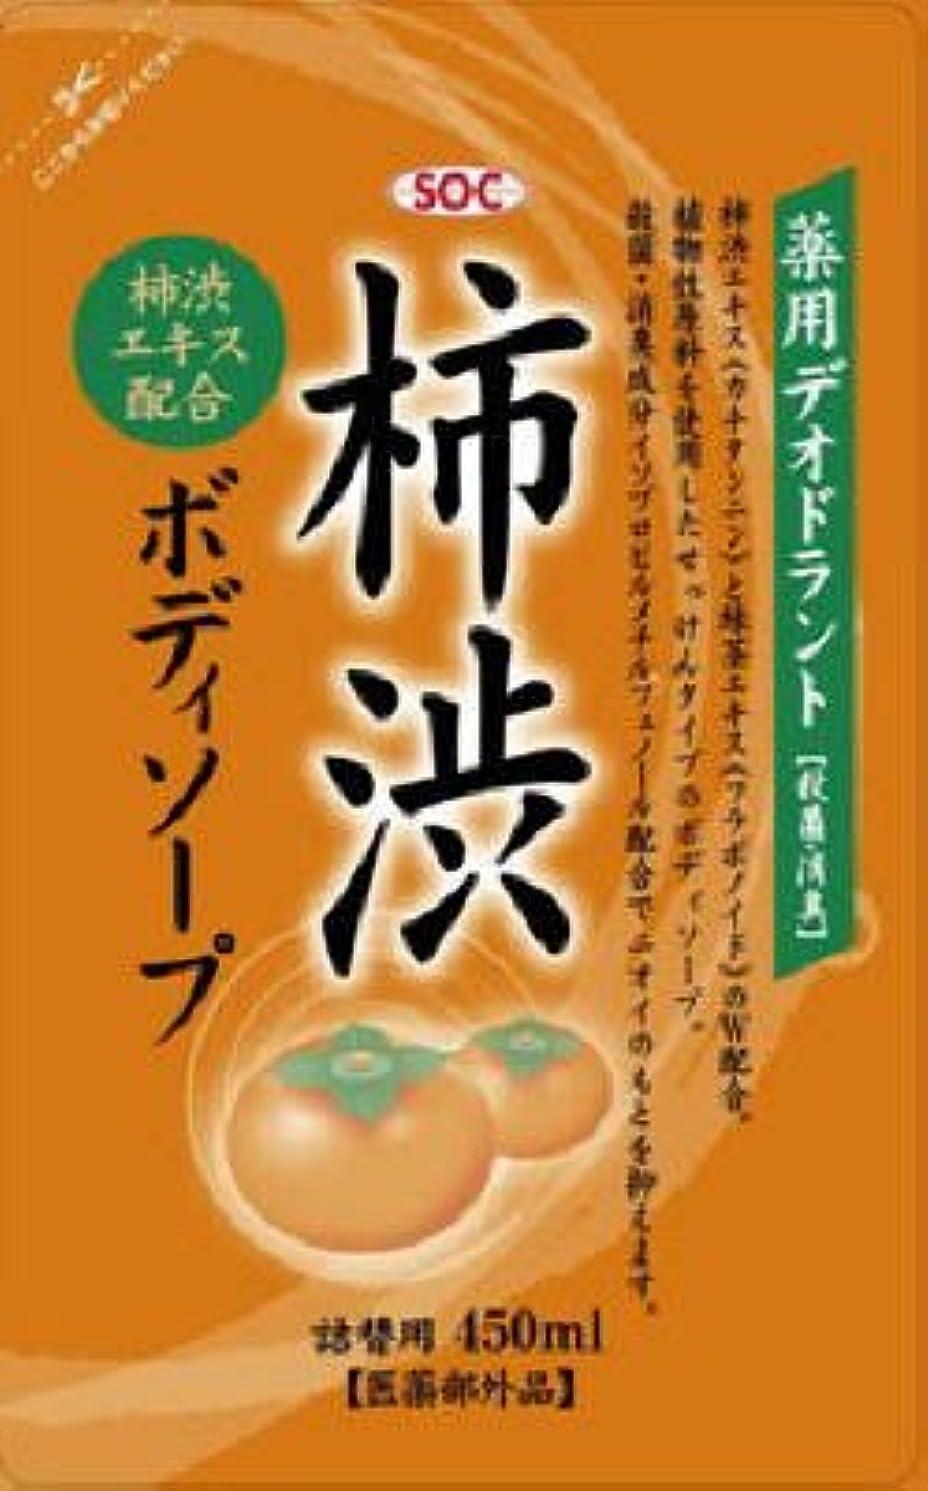 わかる収まる悪の渋谷油脂 SOC 薬用柿渋ボディソープ つめかえ用 450ml×24個セット(マイルドなせっけんタイプのボディソープ